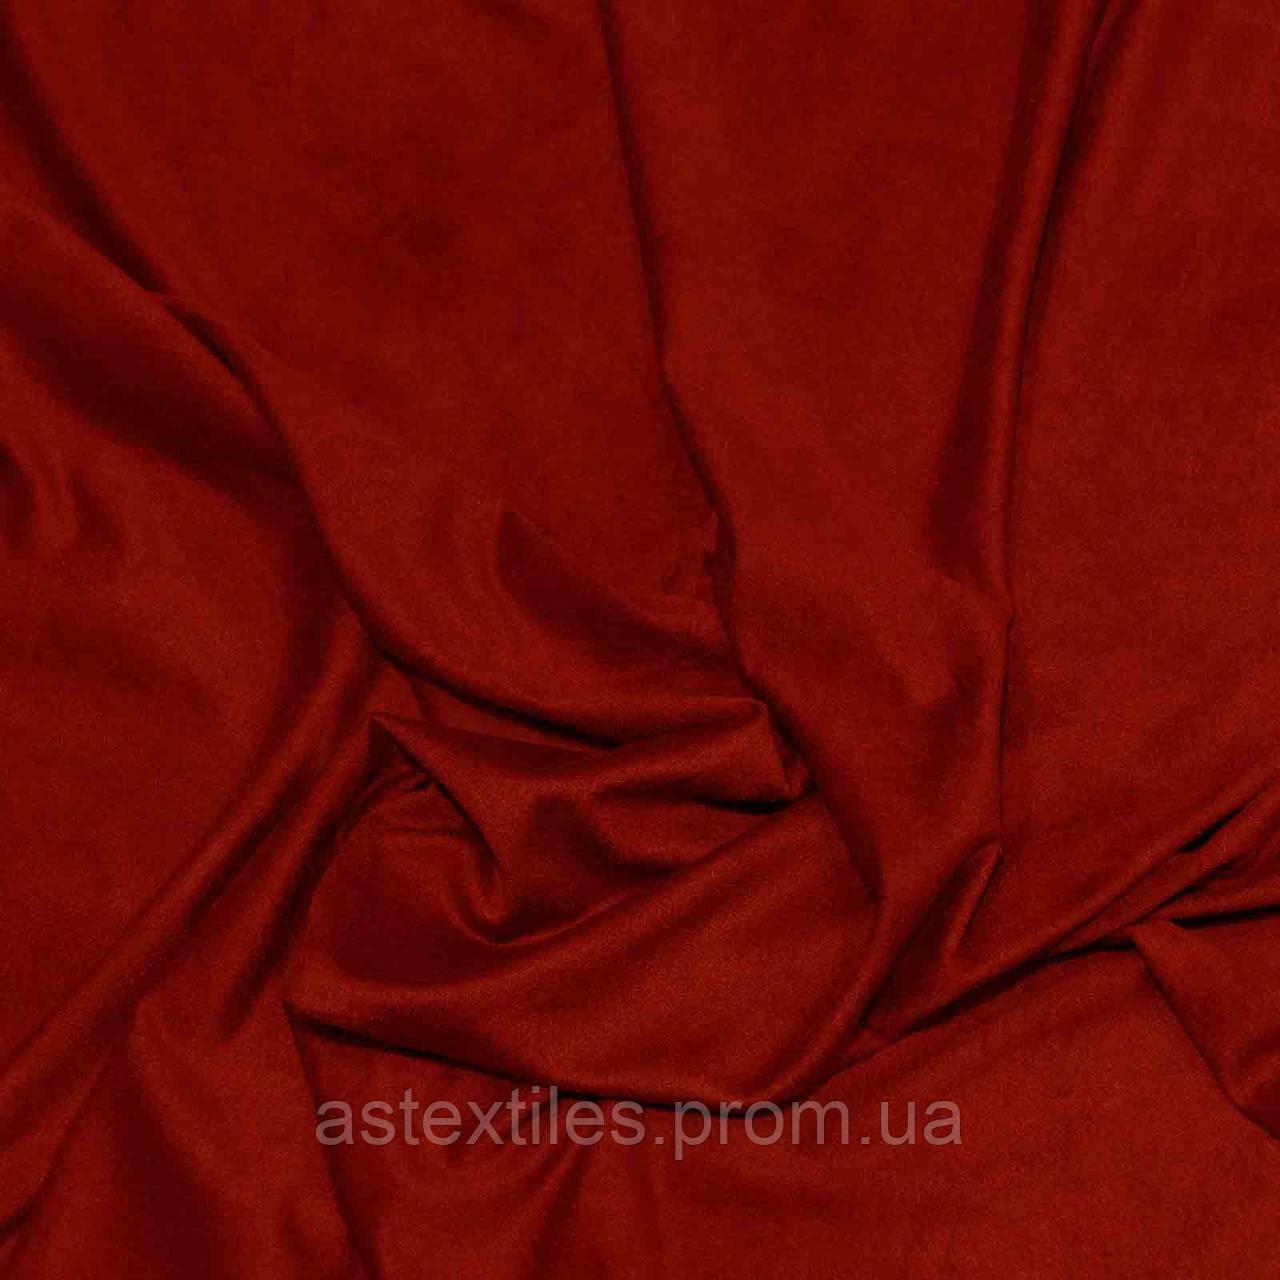 Замша стрейч (красная)